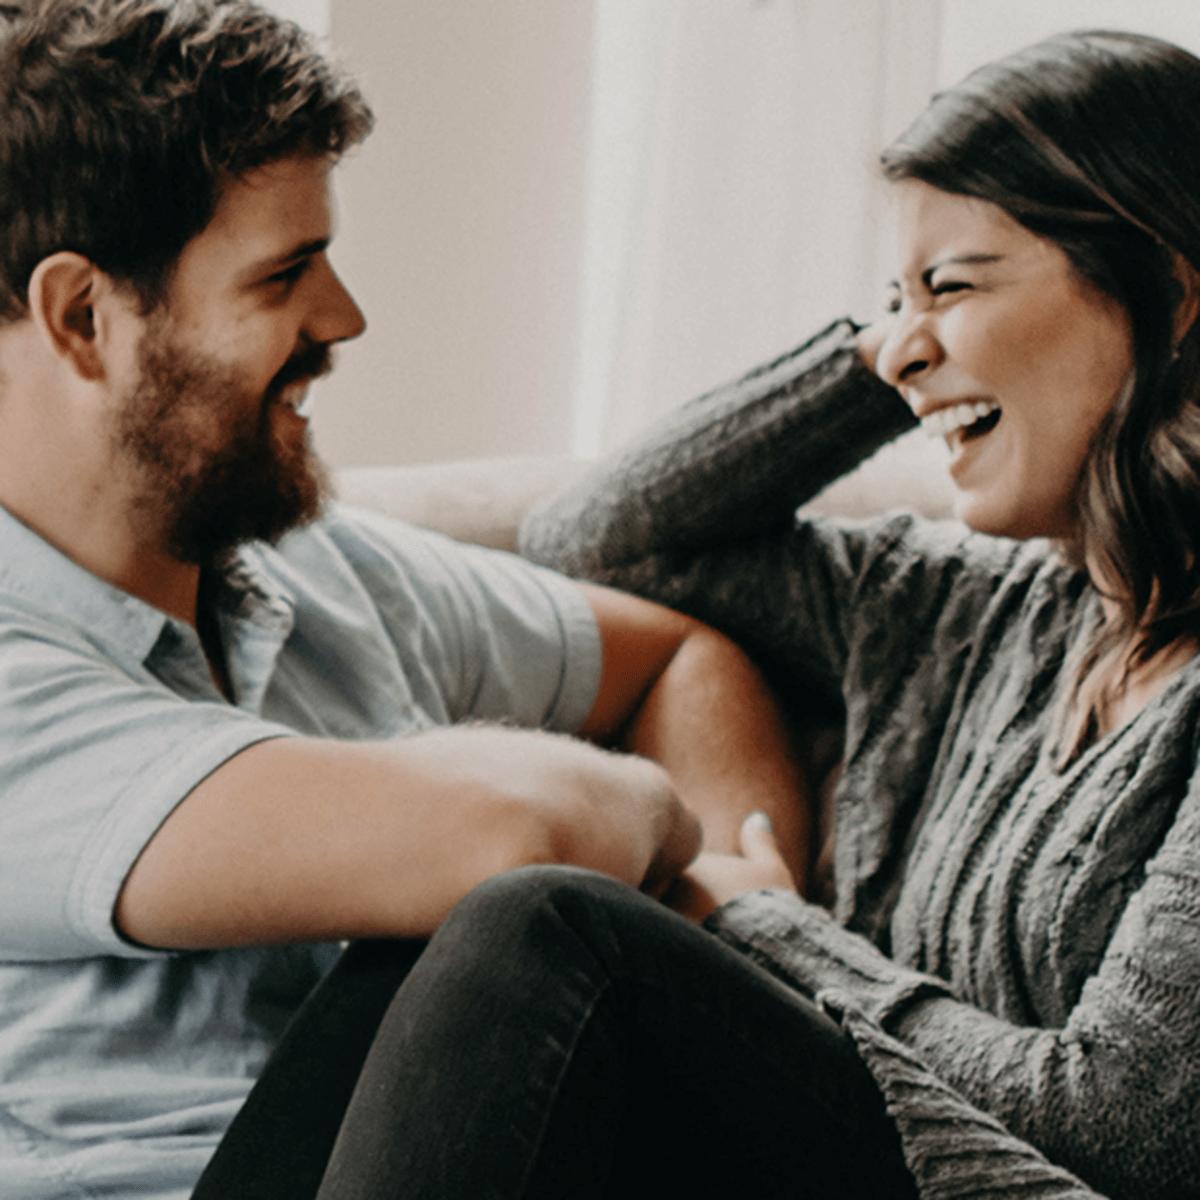 Lista neagră a site-urilor de dating pentru fotografii